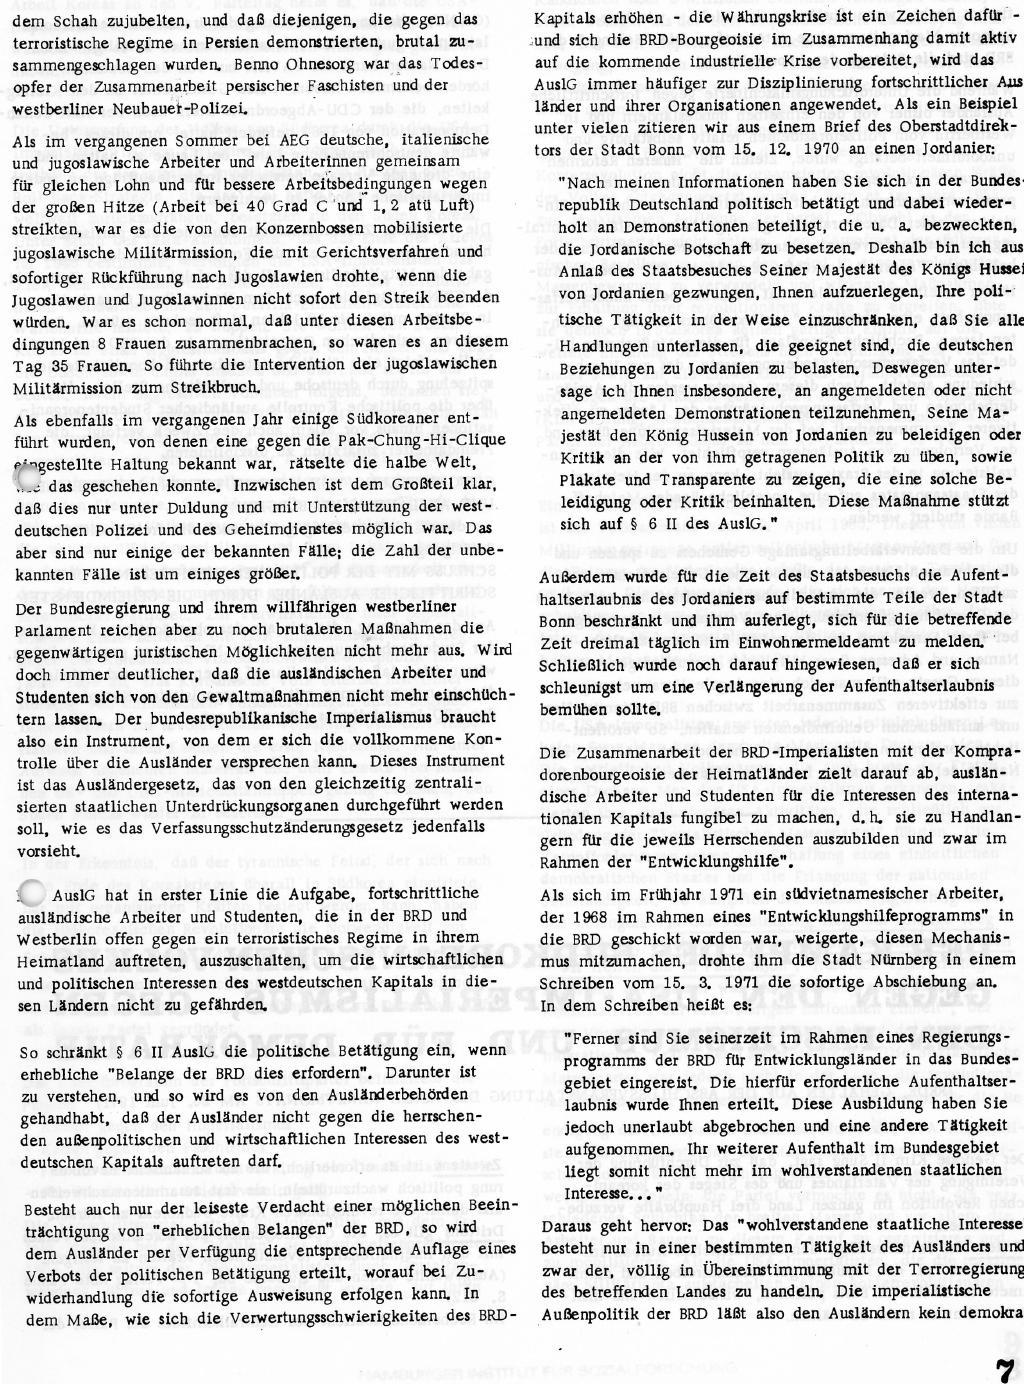 RPK_1971_124_125_07